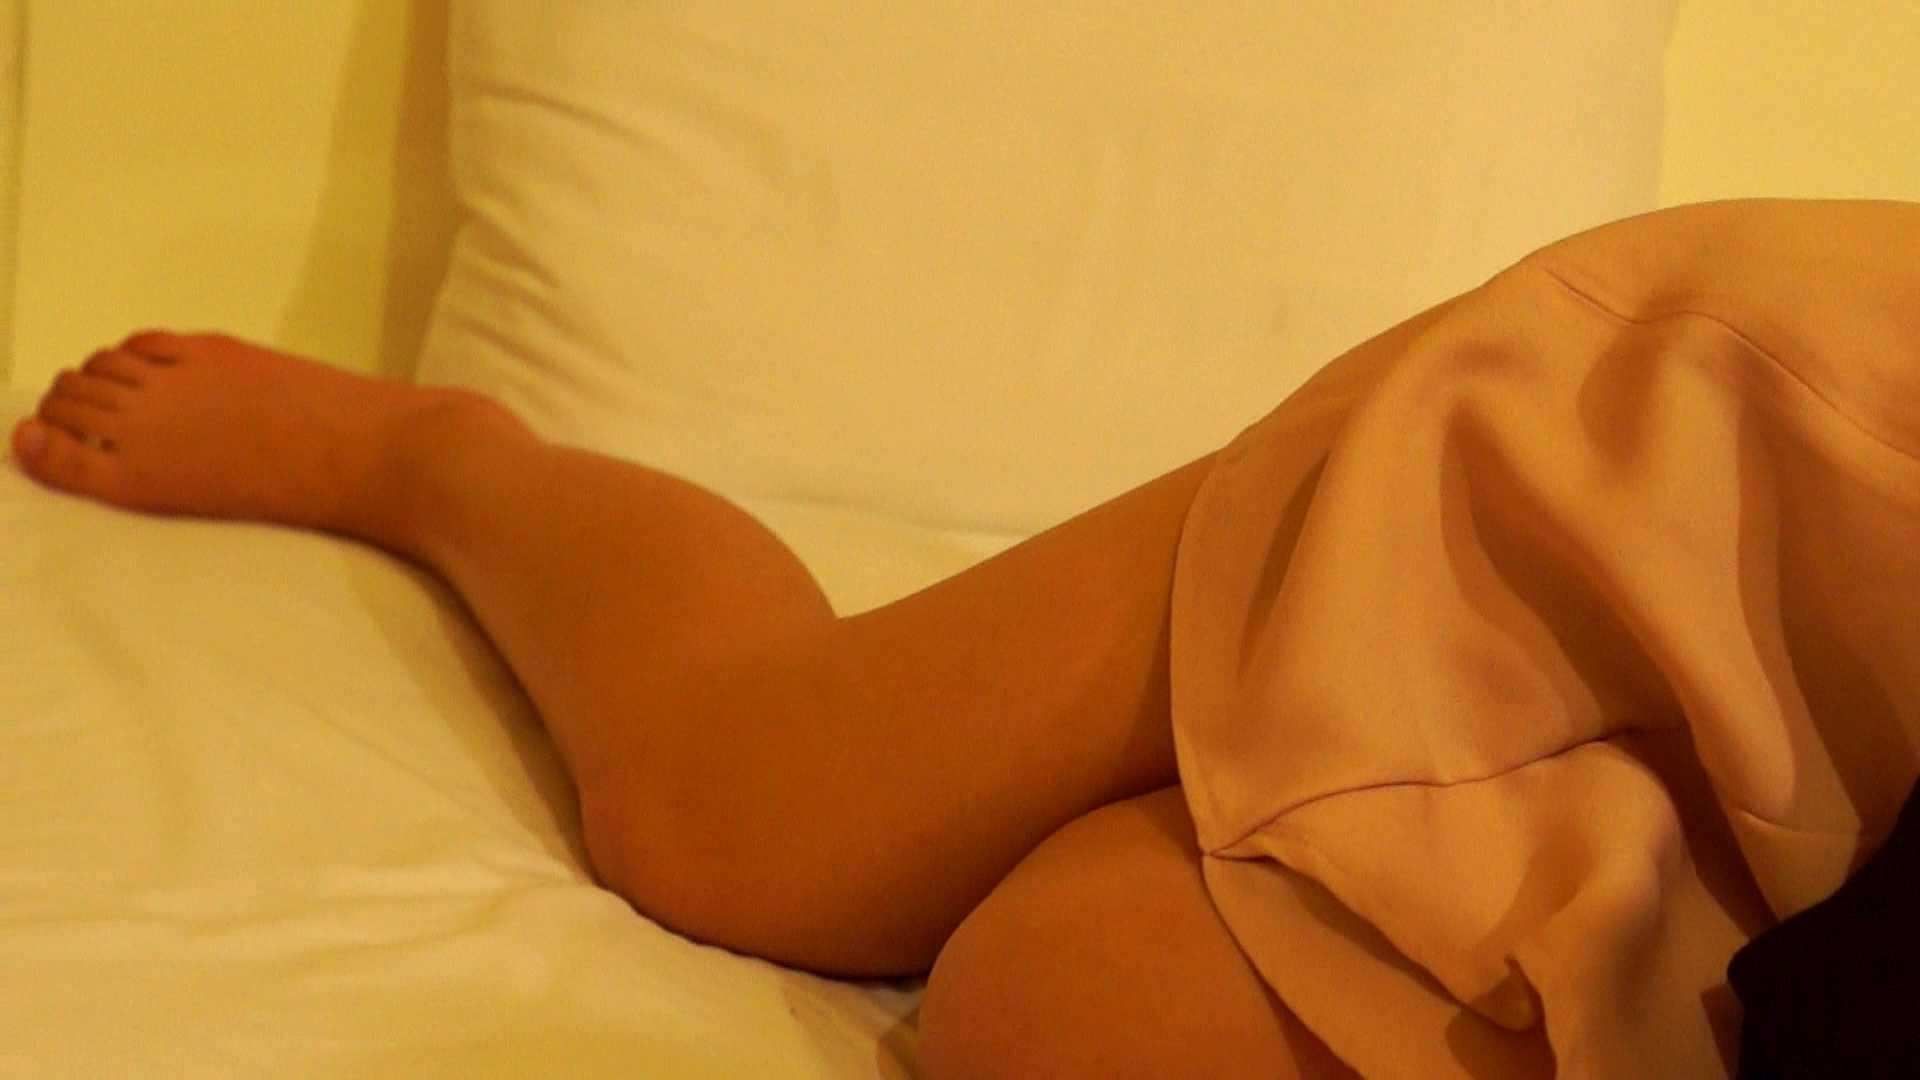 セックスアダルト動画|vol.14 照れながらもHな顔をしてくれました。|大奥